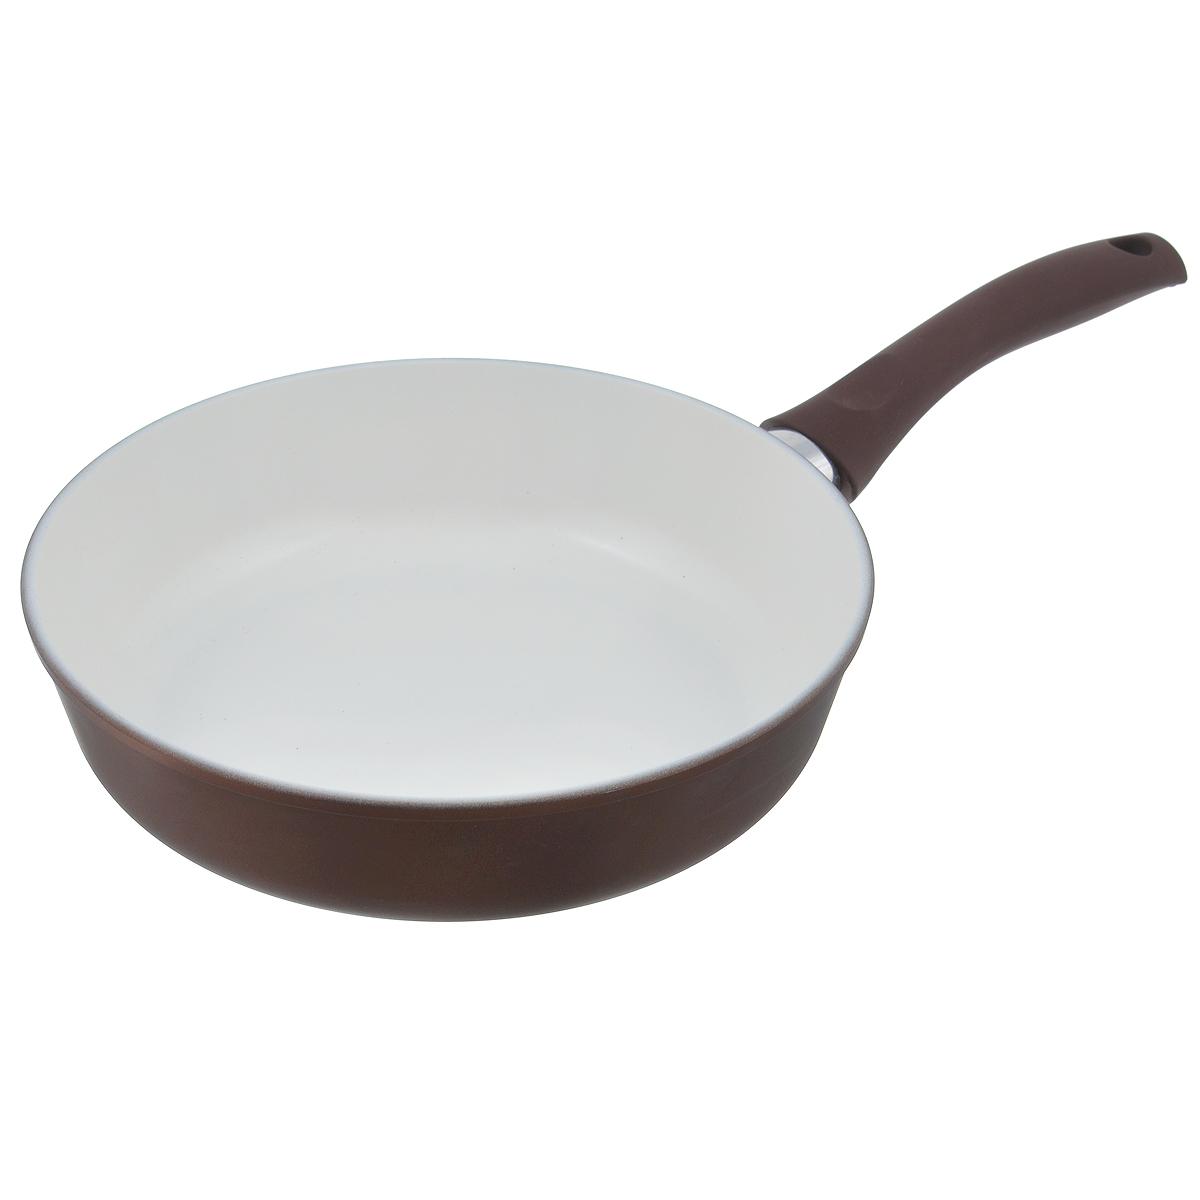 Сковорода Ecoway Горячий шоколад, с керамическим покрытием. Диаметр 26 см201126Сковорода Ecoway Горячий шоколад изготовлена из литого алюминия с немецким керамическим противопригарным покрытием. Оно не выделяет вредных веществ даже при температуре 400°С, отличается экологичностью, так как не содержит вредных примесей PFOA и PTFE. Пища, приготовленная в этой сковороде, имеет удивительный вкус. Благодаря качественному керамическому покрытию пища поджарится, но не пригорит. Литой корпус с утолщенным дном позволит готовить при правильных температурах (не выше 250°С), а значит, блюдо будет сочным и богатым витаминами. При приготовлении можно использовать металлические аксессуары. Удобная ручка выполнена из бакелита с прорезиненным приятным на ощупь покрытием. Подходит для стеклокерамических, электрических и газовых плит. Диаметр: 26 см. Высота стенки: 6,8 см. Толщина стенки: 4 мм. Толщина дна: 6 мм. Длина ручки: 19 см.